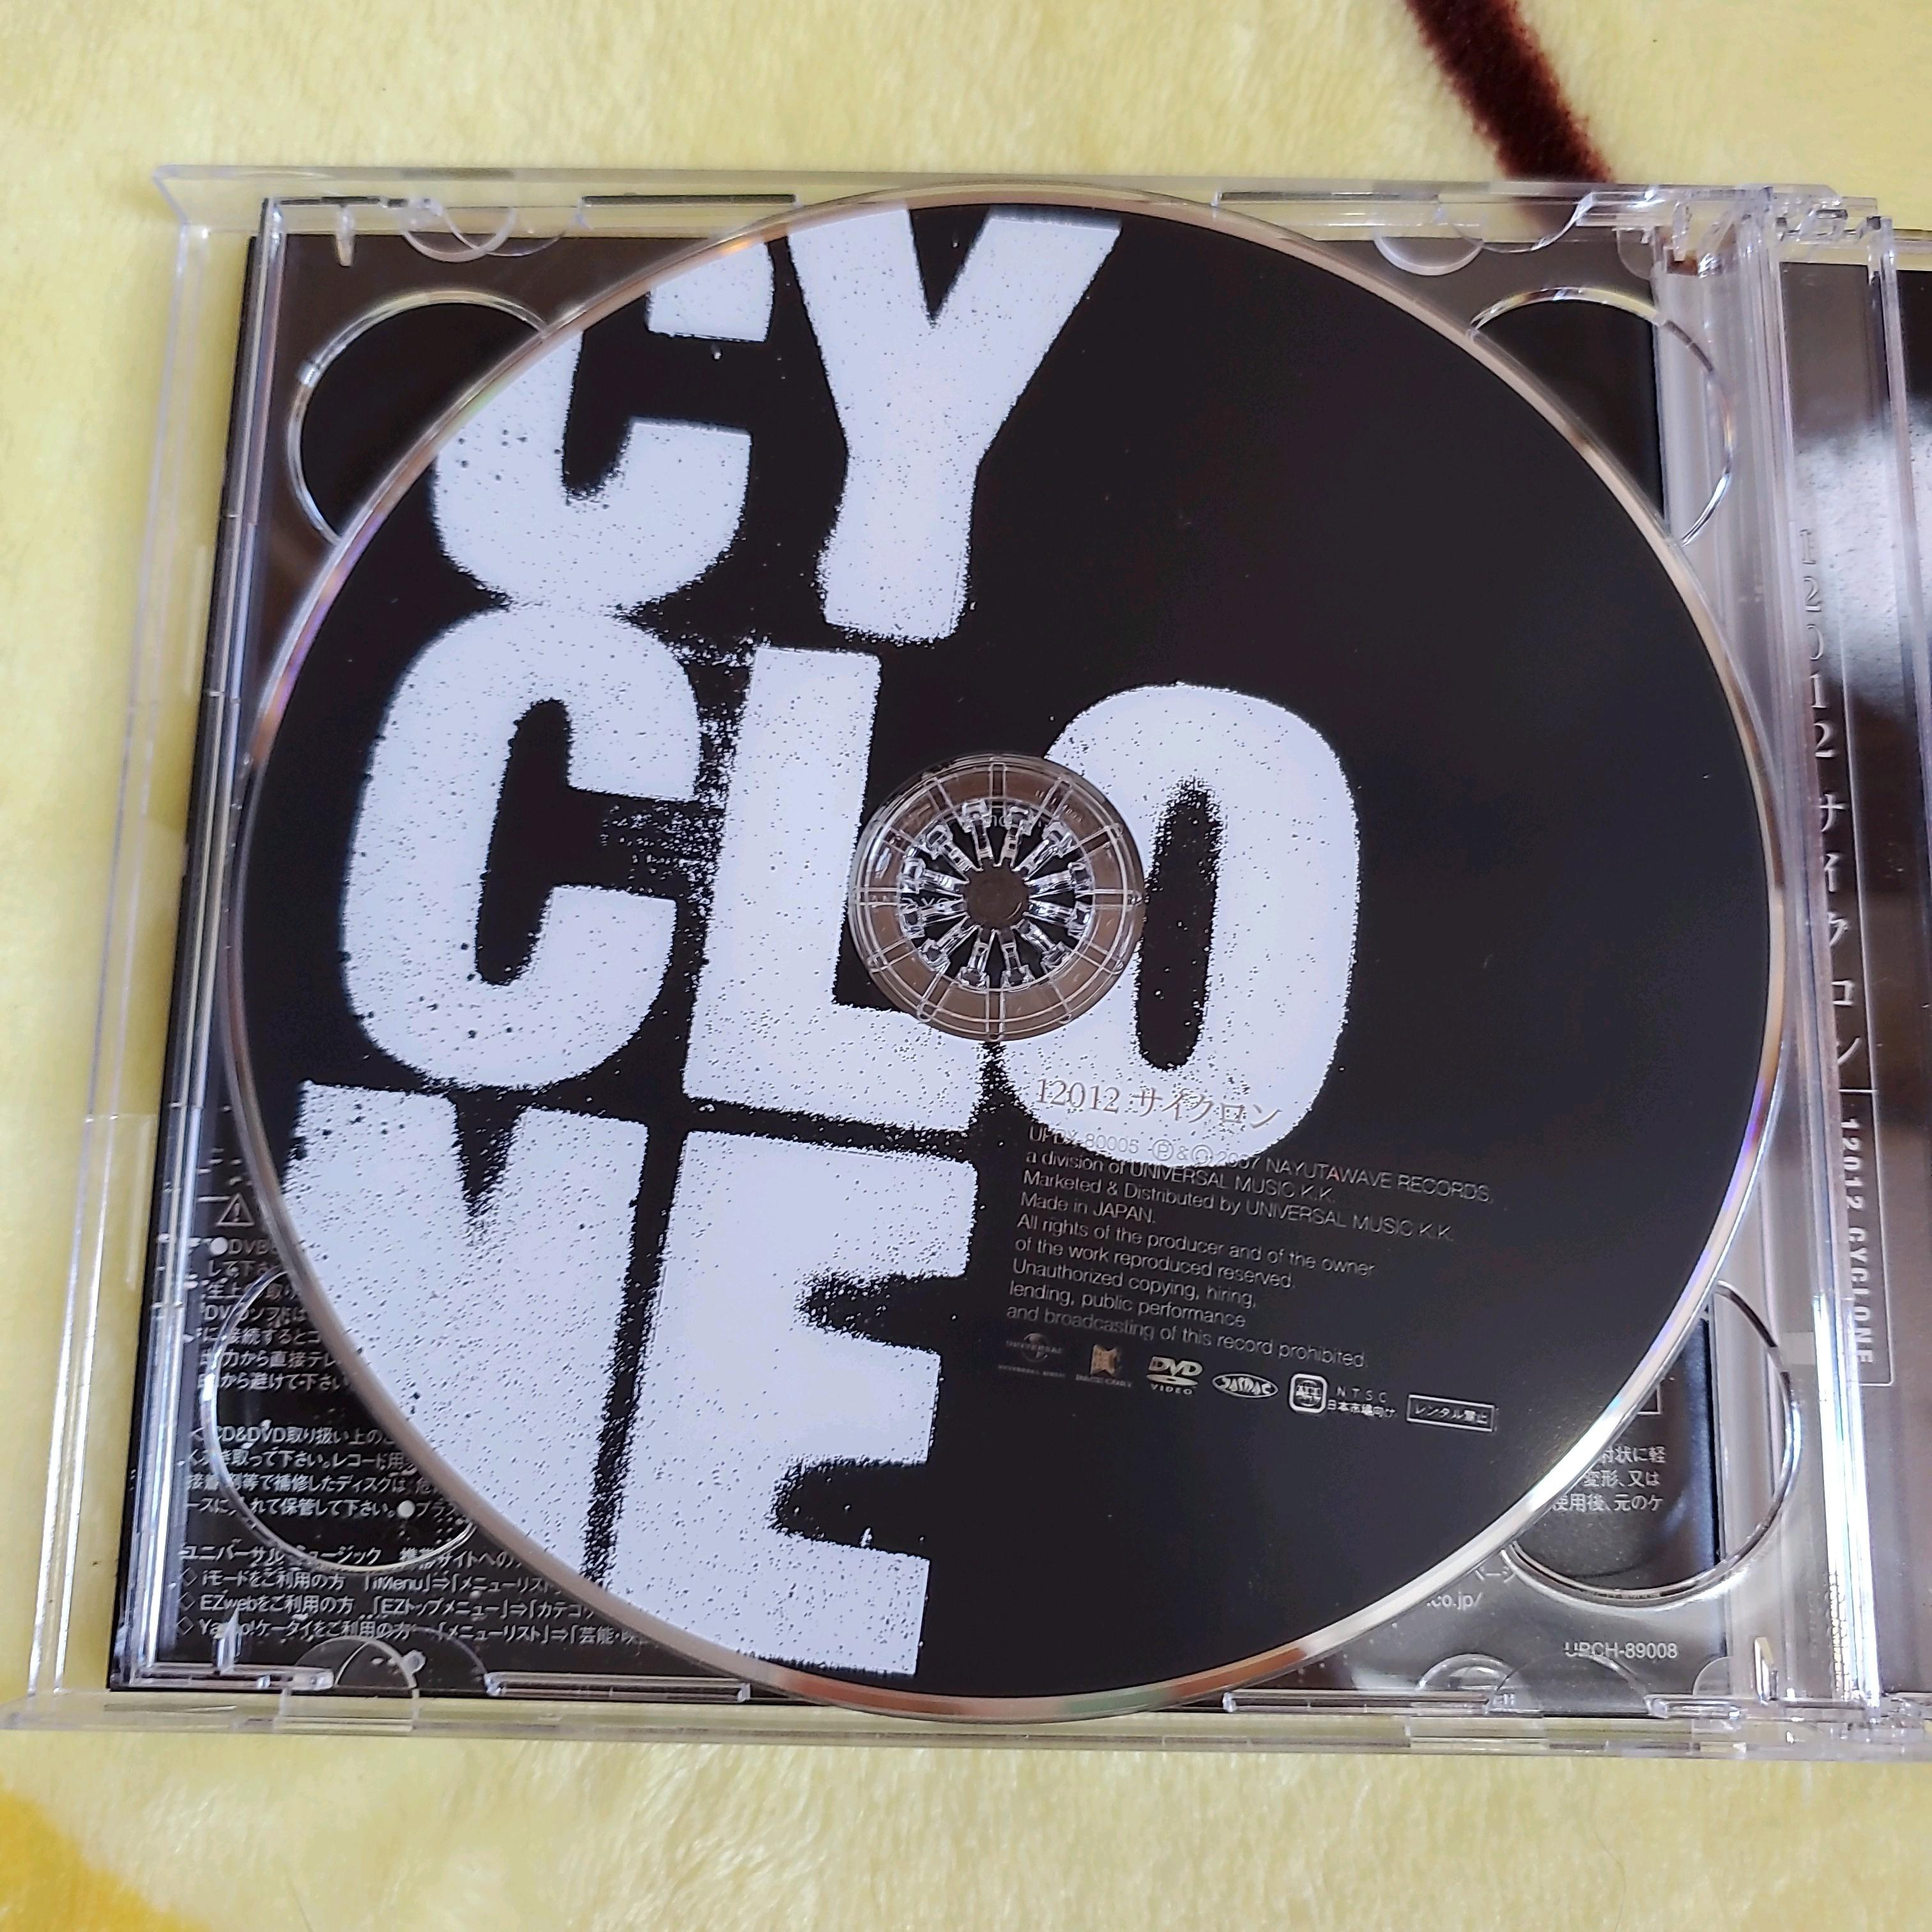 12012 「CYCLO」 CD+DVD初回盤A